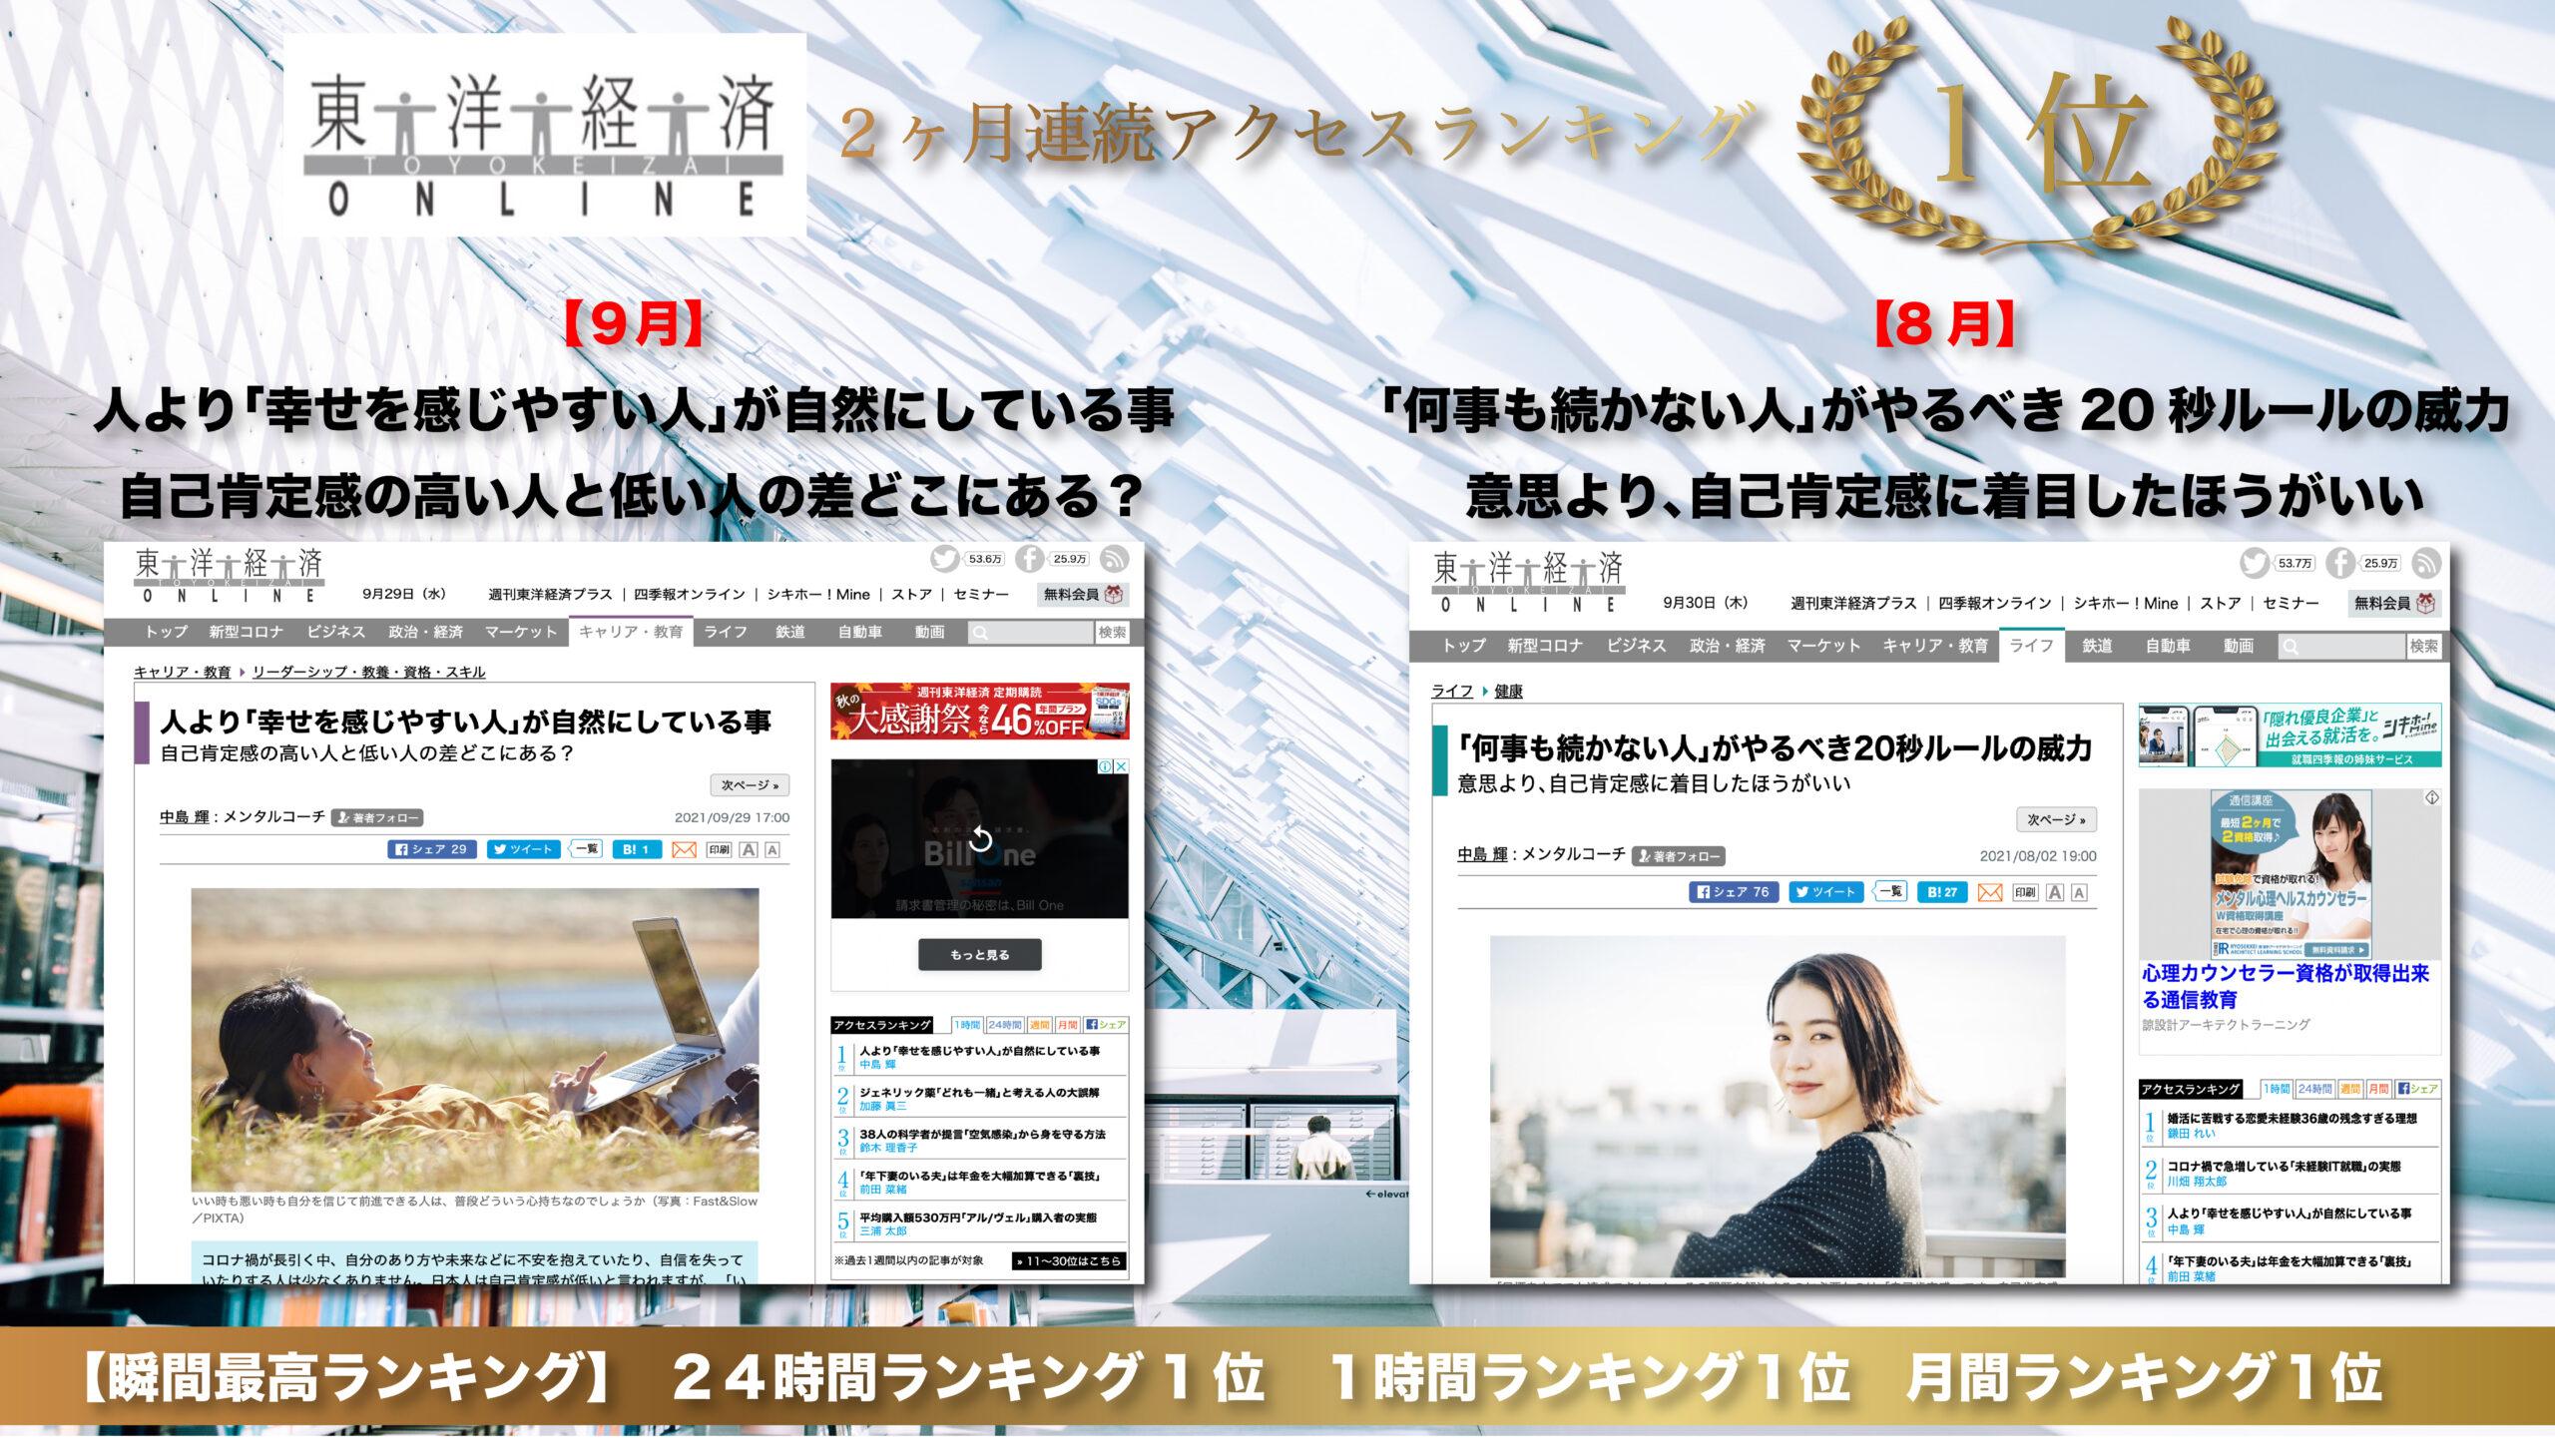 東洋経済オンライン記事2ヶ月連続ランキング1位👑